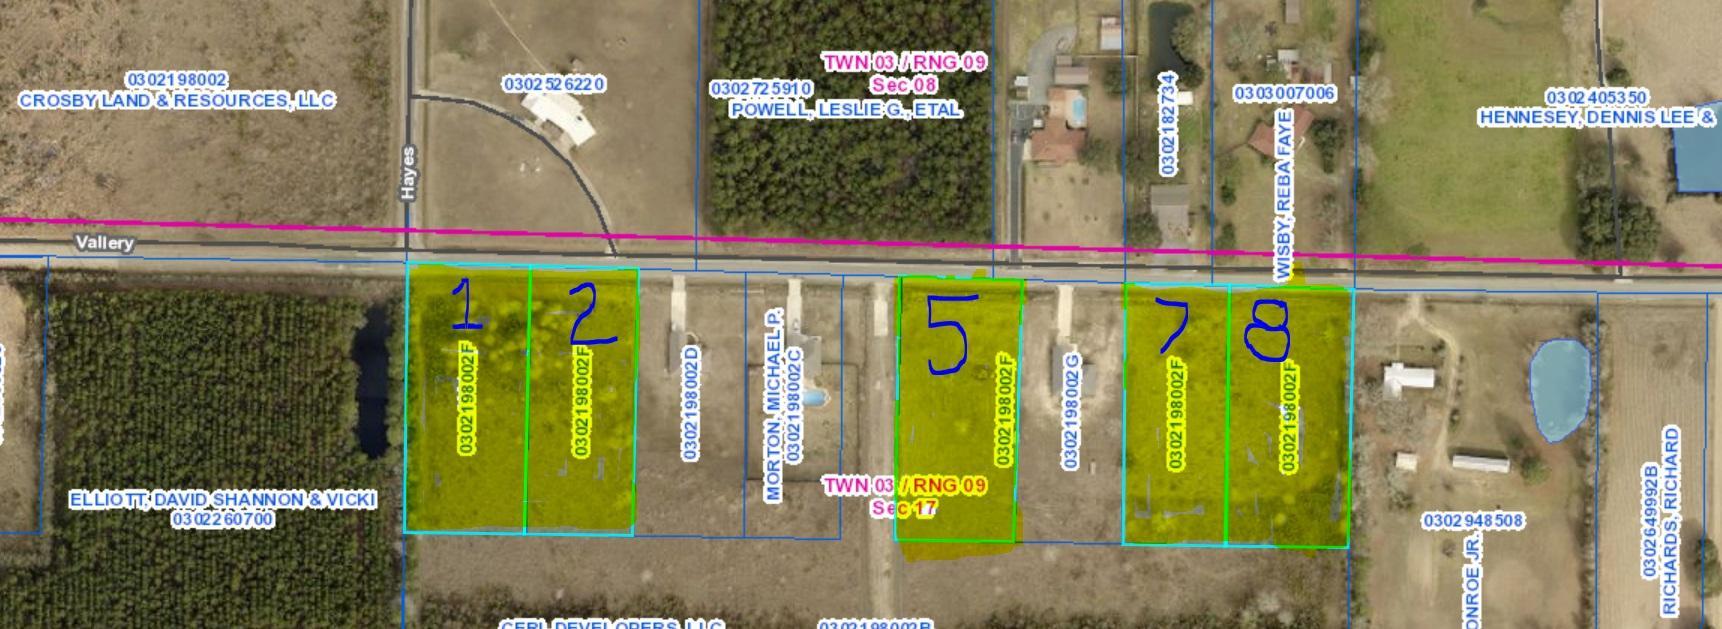 DeRidder land for sale,  Vallery Rd, DeRidder LA - $25,000